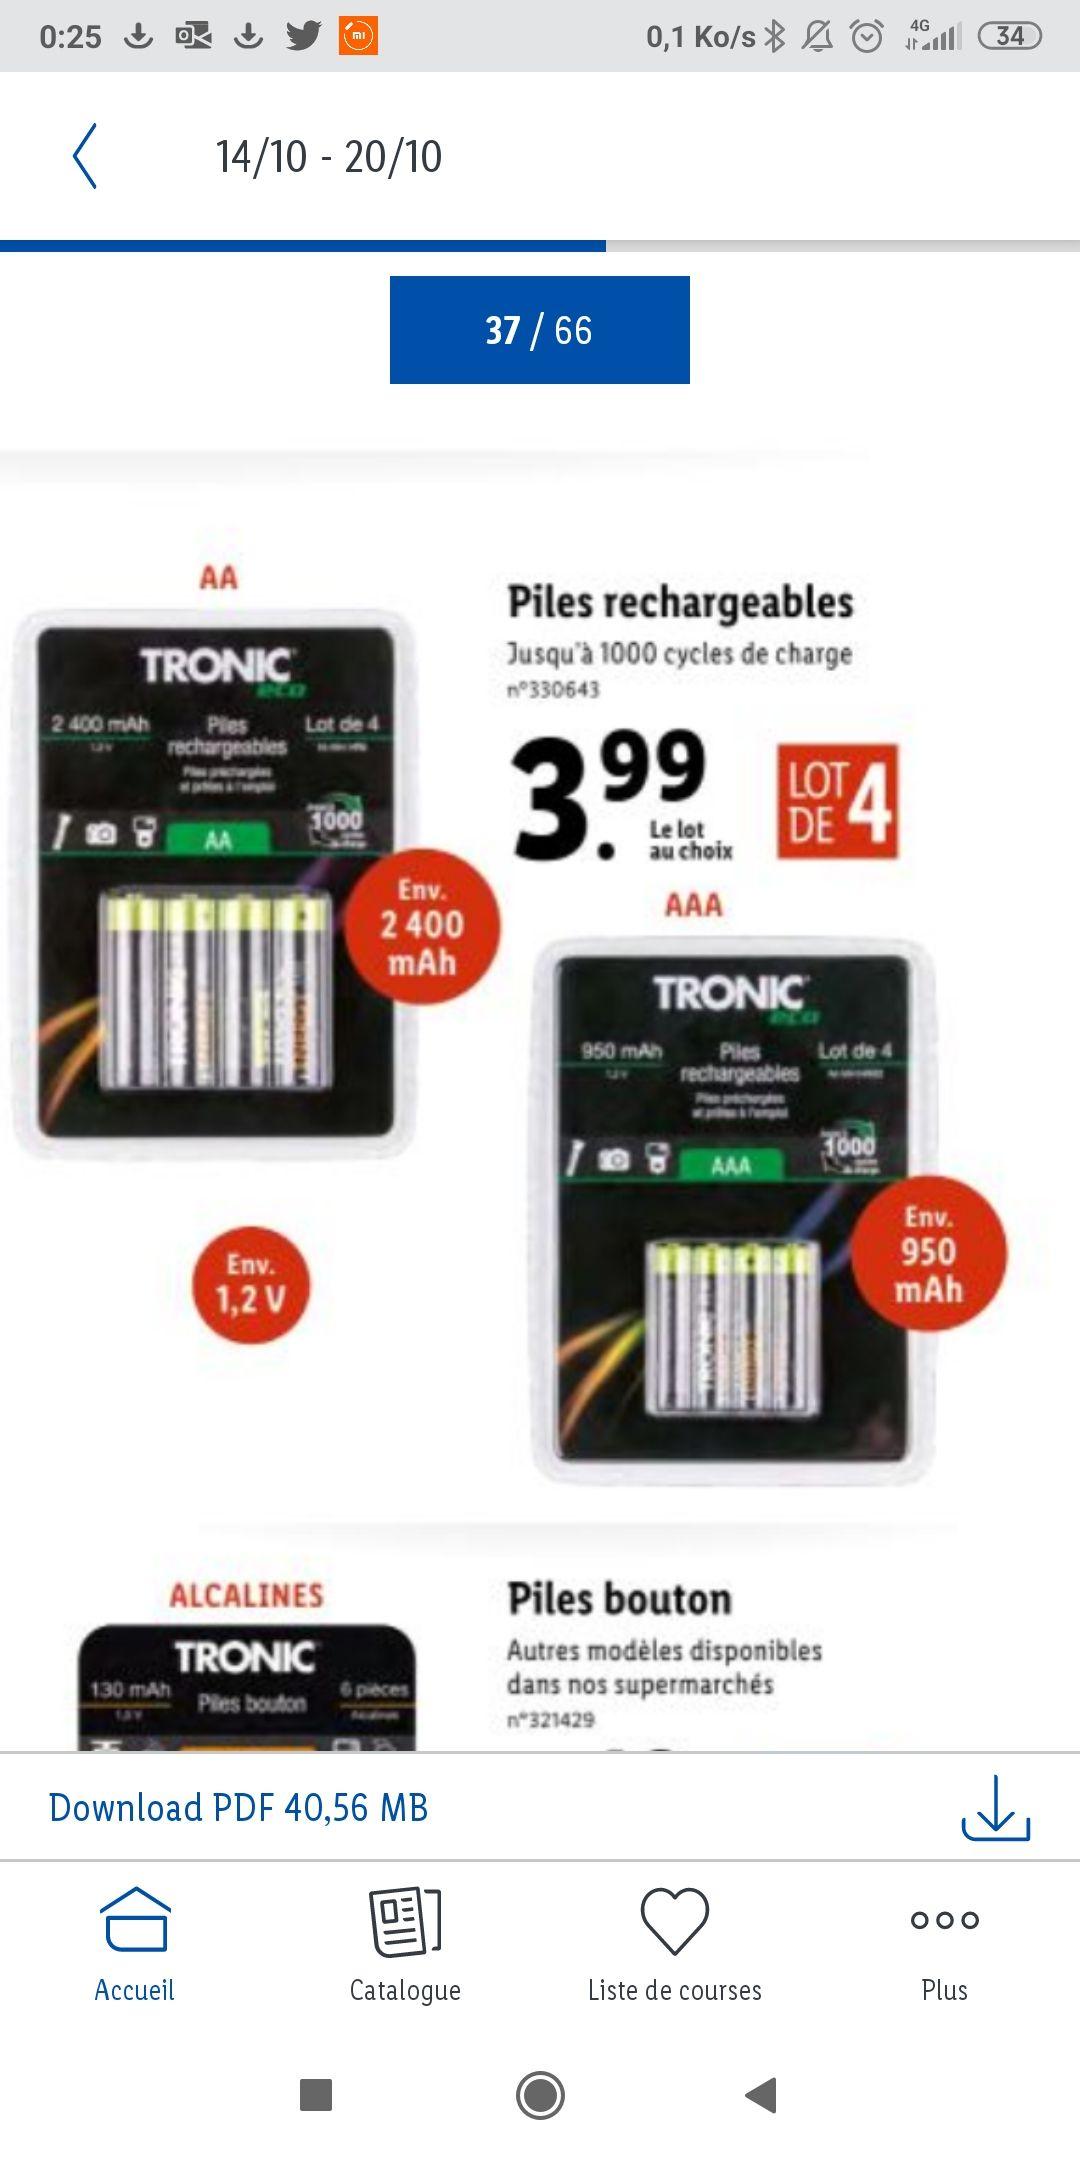 Pile rechargeable - AA 2400mah ou AAA 950mah